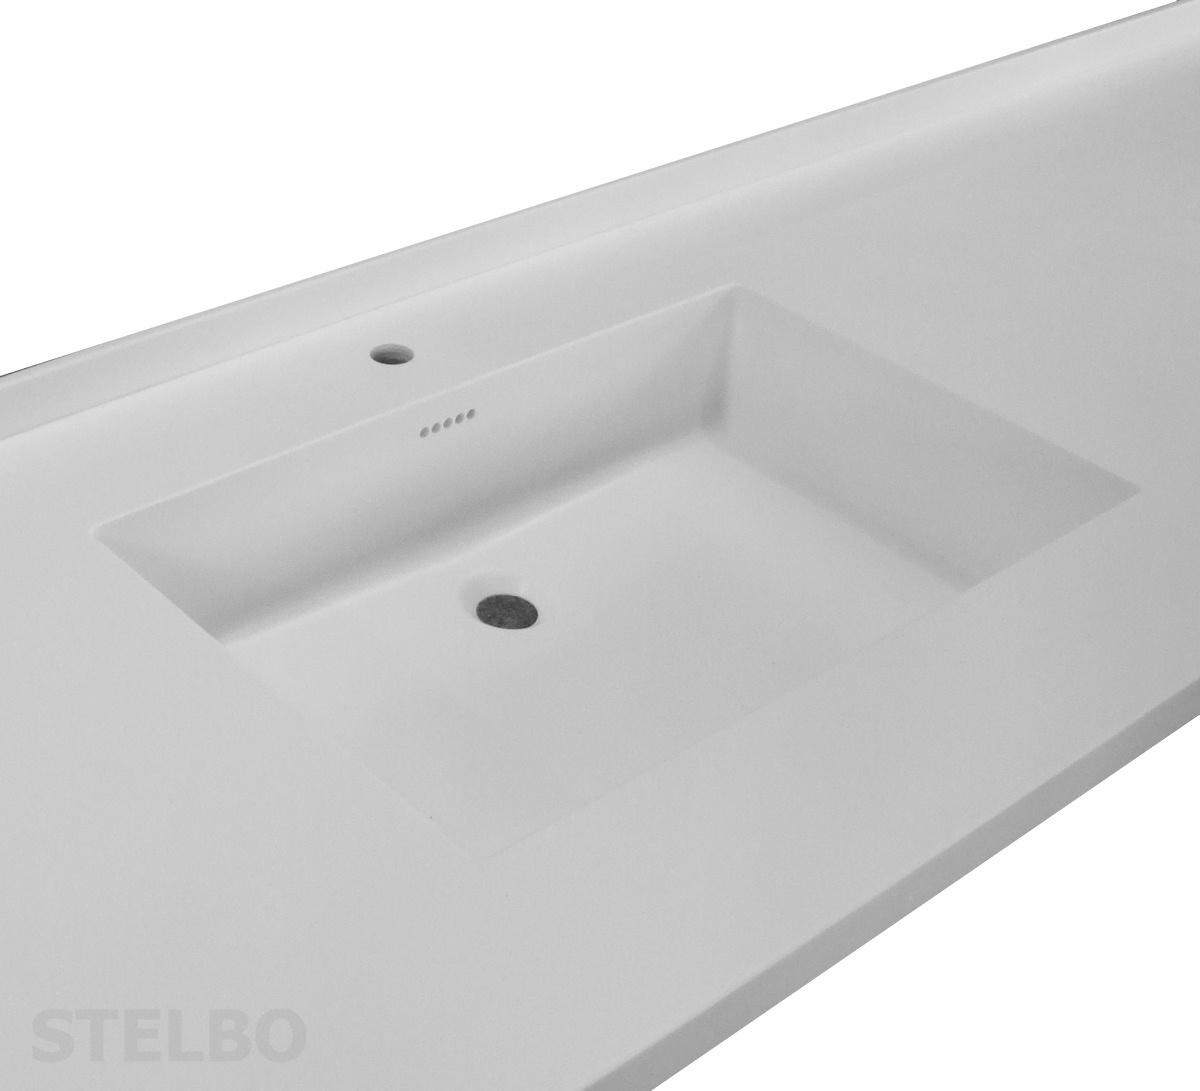 bordplade med vask til badeværelse Corian vaske til køkken og bad   Vask til Corian bordplade bordplade med vask til badeværelse